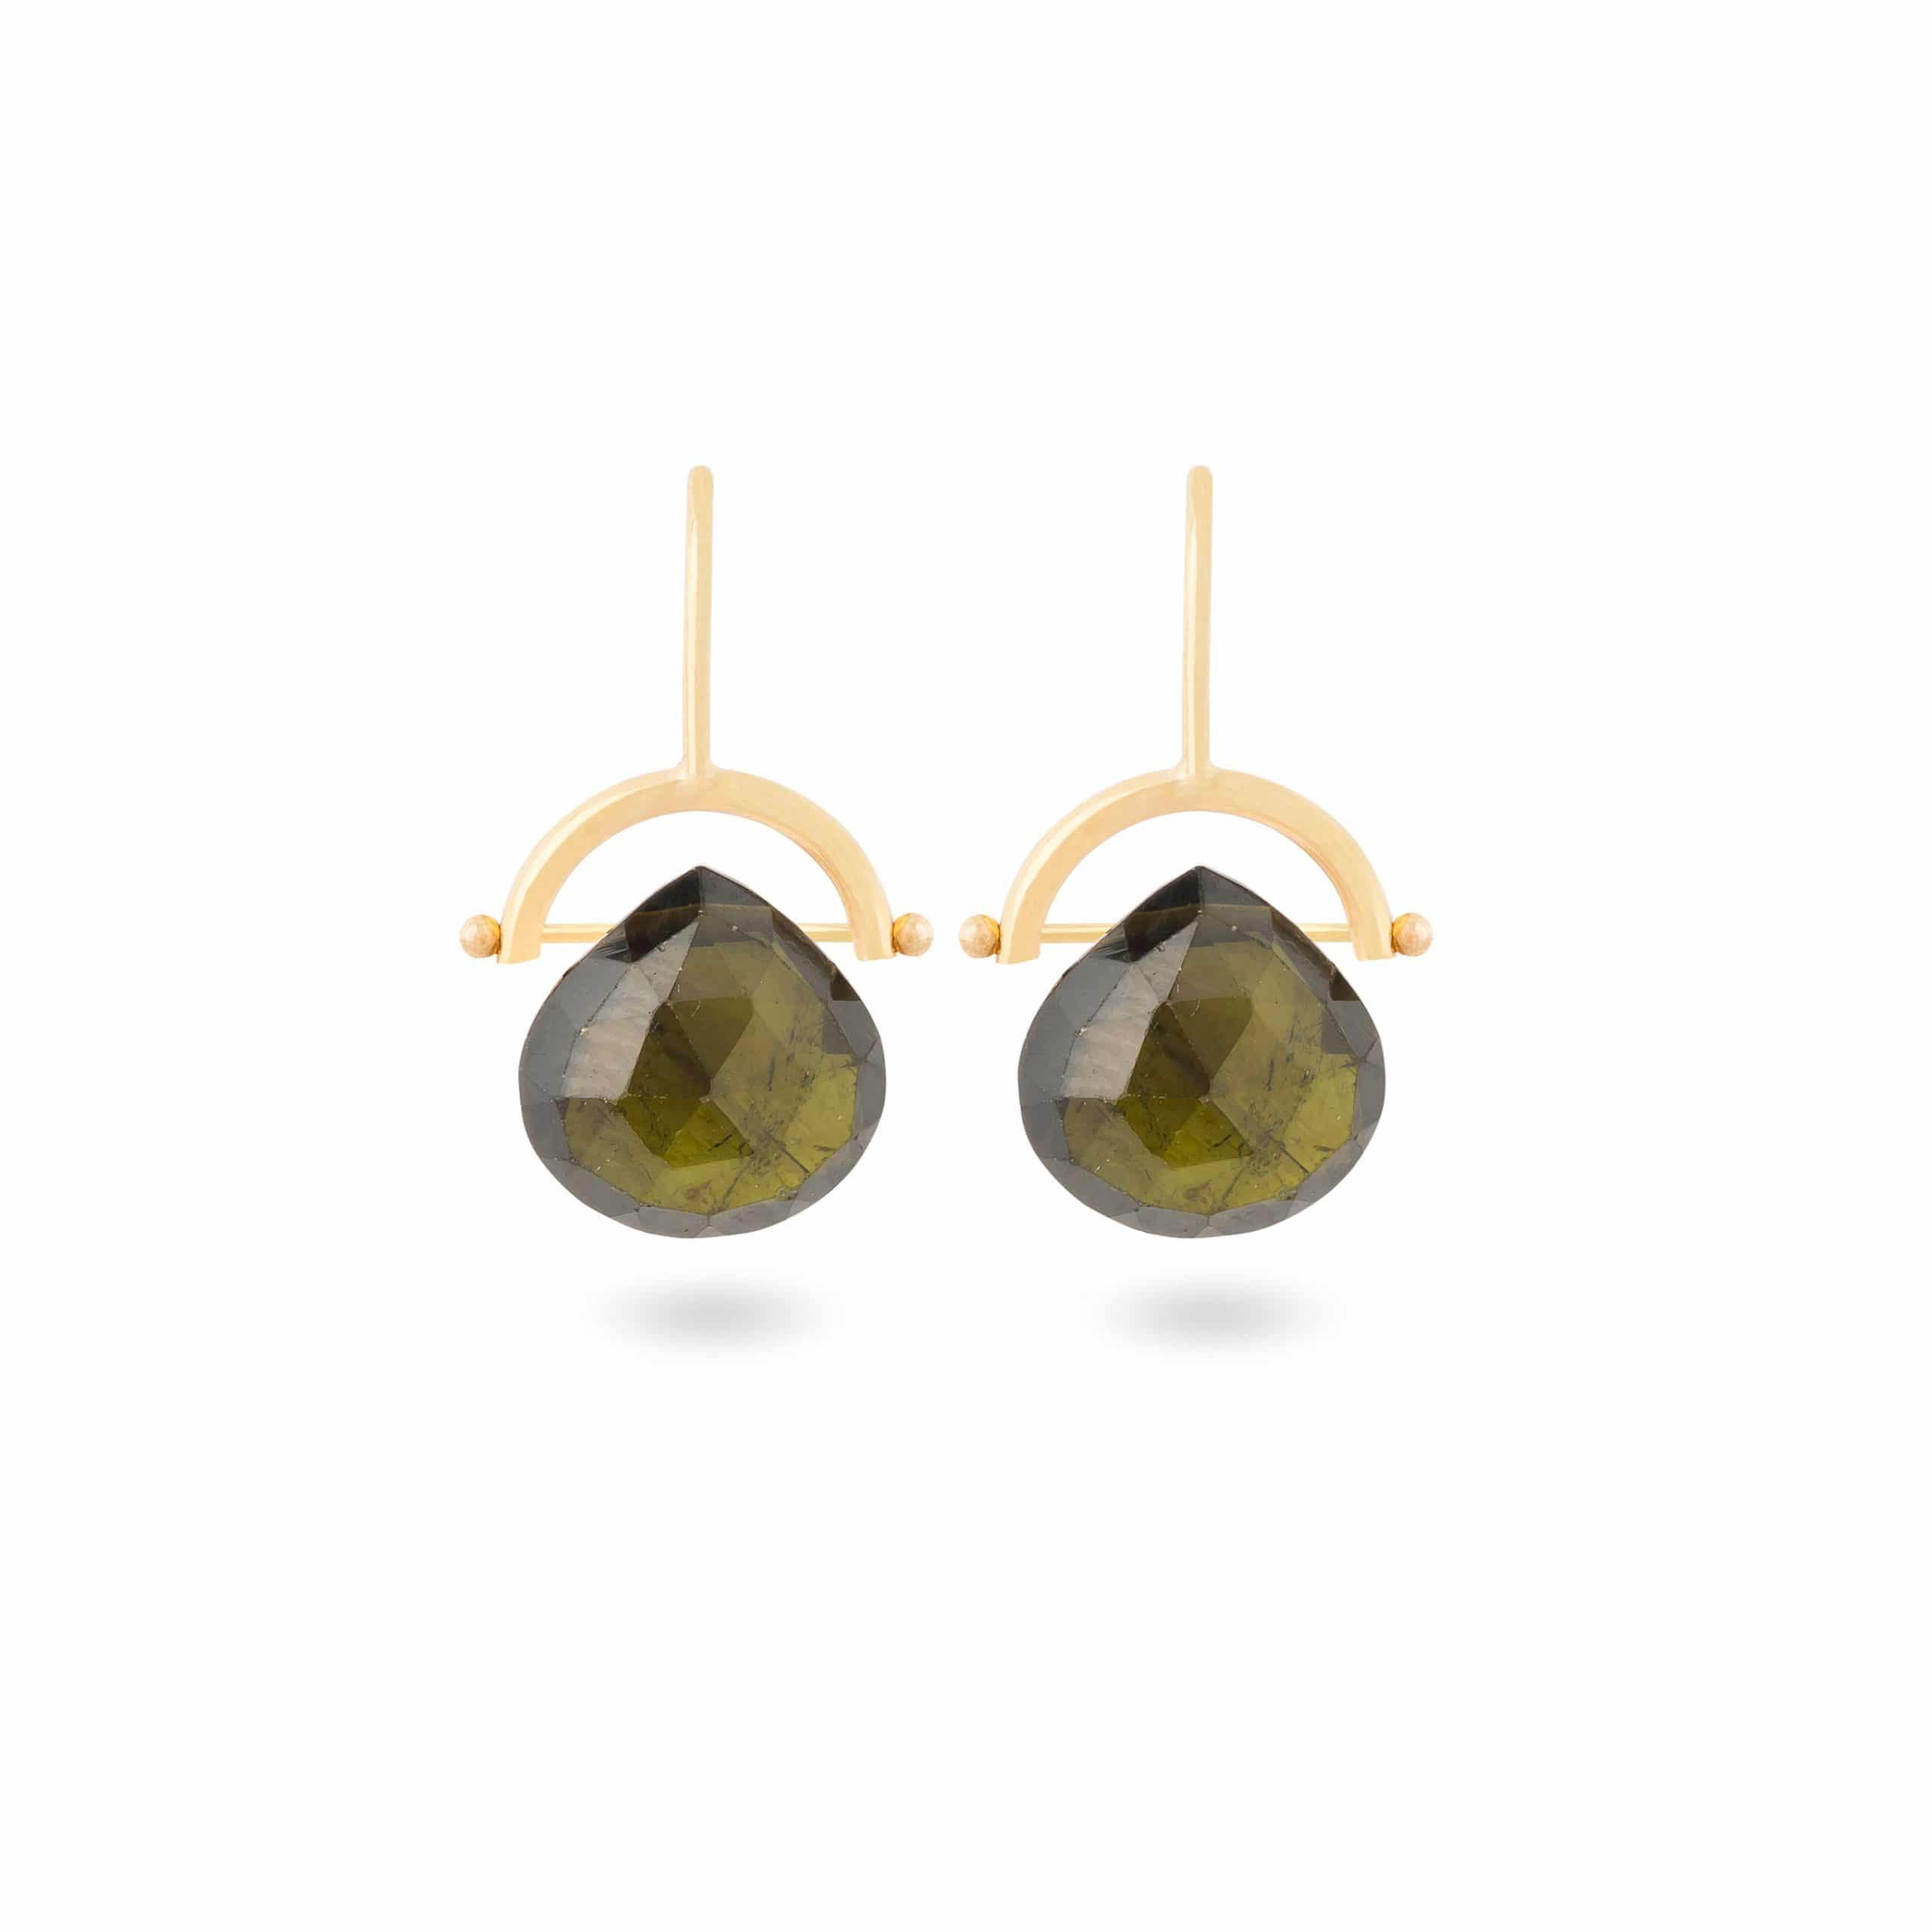 Boucles d'oreilles tourmalines vertes